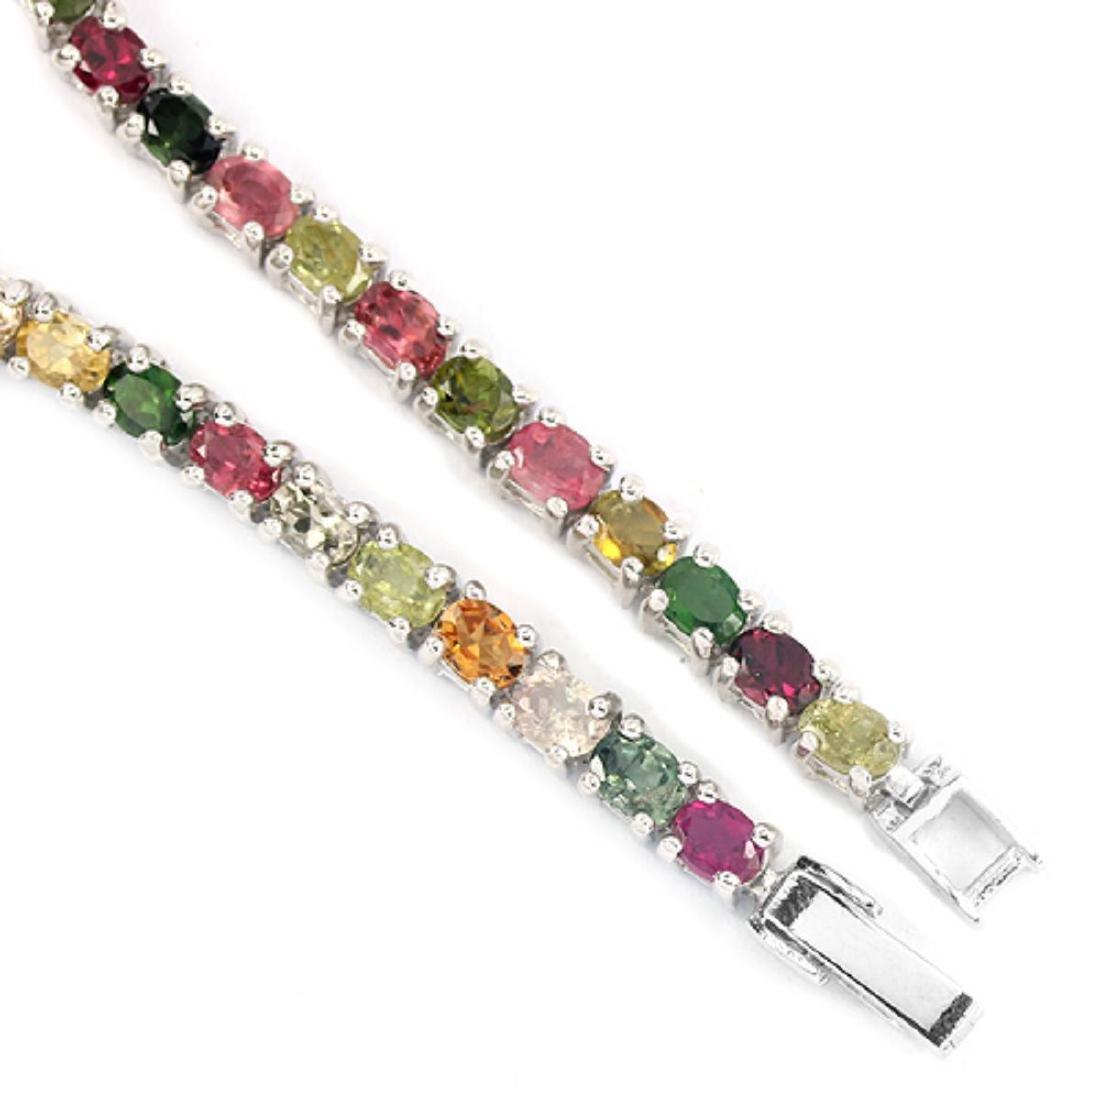 NATURL MULTI COLOR TOURMALINE Bracelet - 3